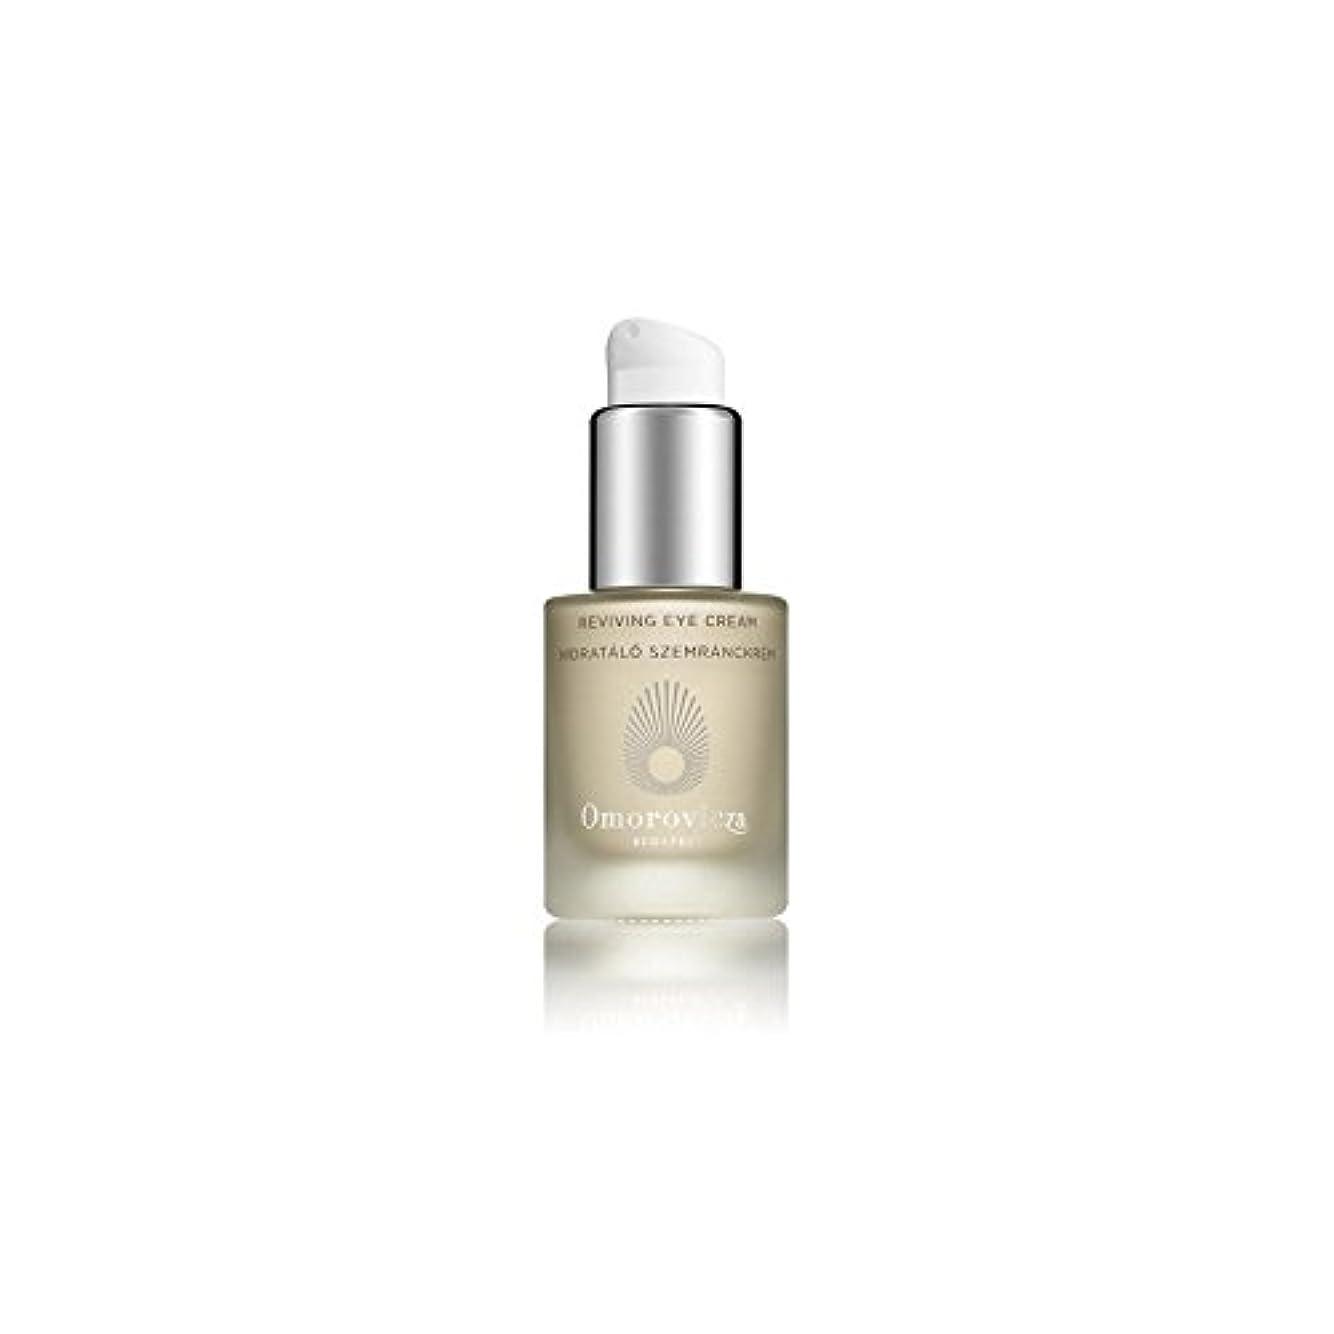 論争近似検査官Omorovicza Reviving Eye Cream (15ml) - 復活アイクリーム(15ミリリットル) [並行輸入品]